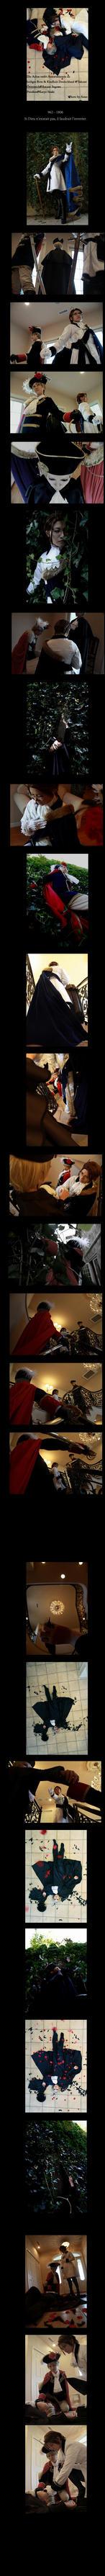 Hetalia:photo comic4-1 by azuooooo